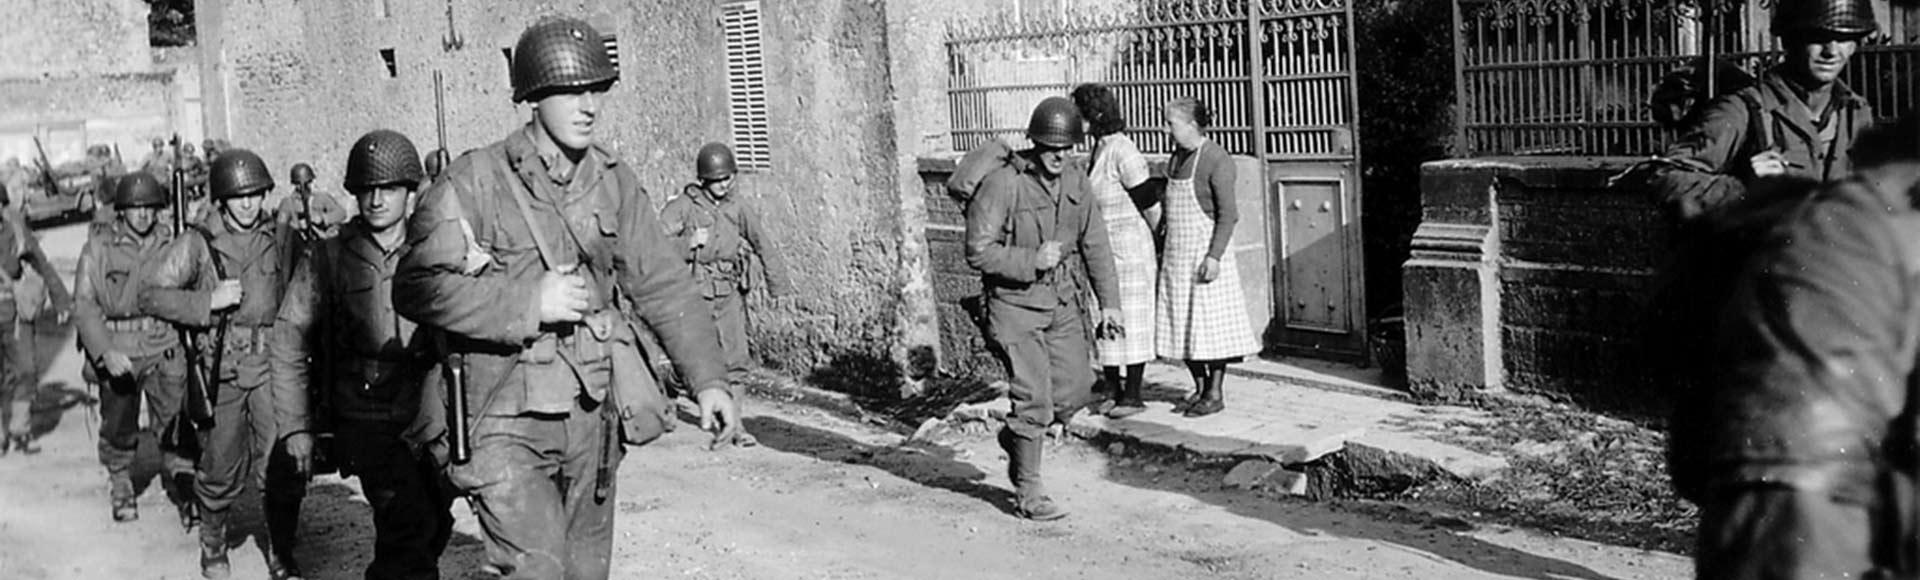 6 JUIN 1944 - Débarquement des forces alliées à Colleville-sur-mer